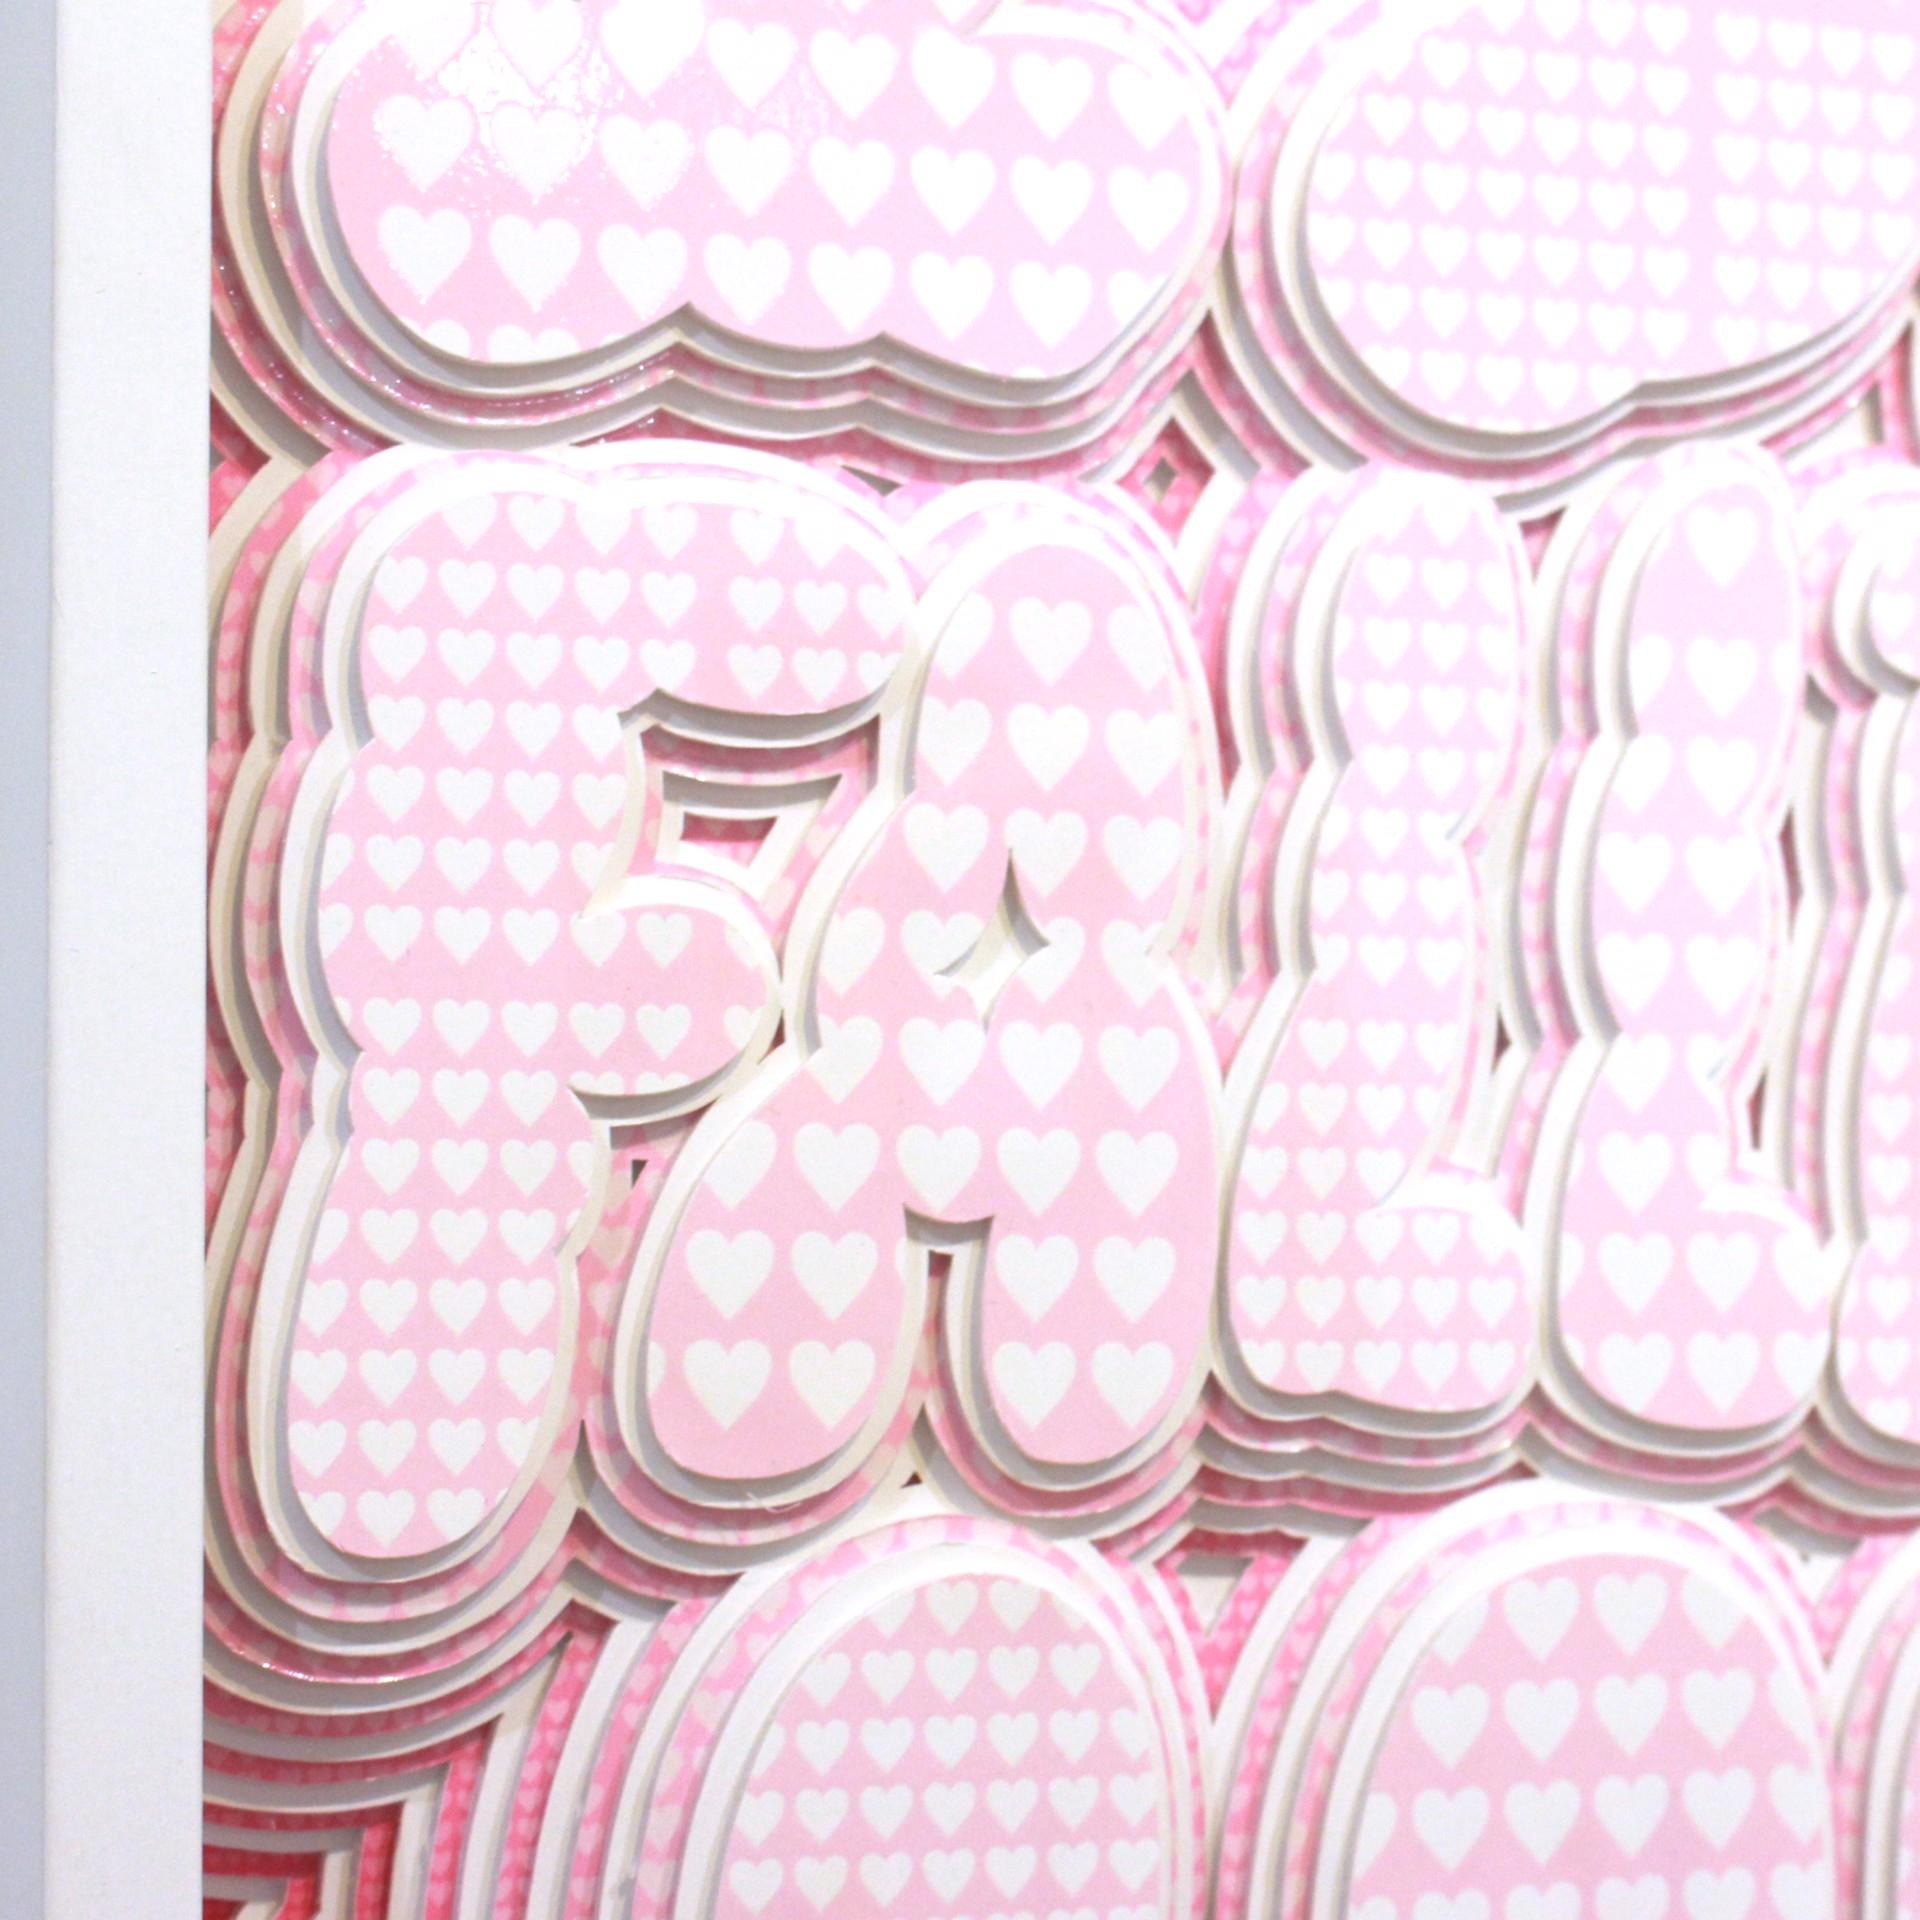 I'm falling in love by Hideto Yagi